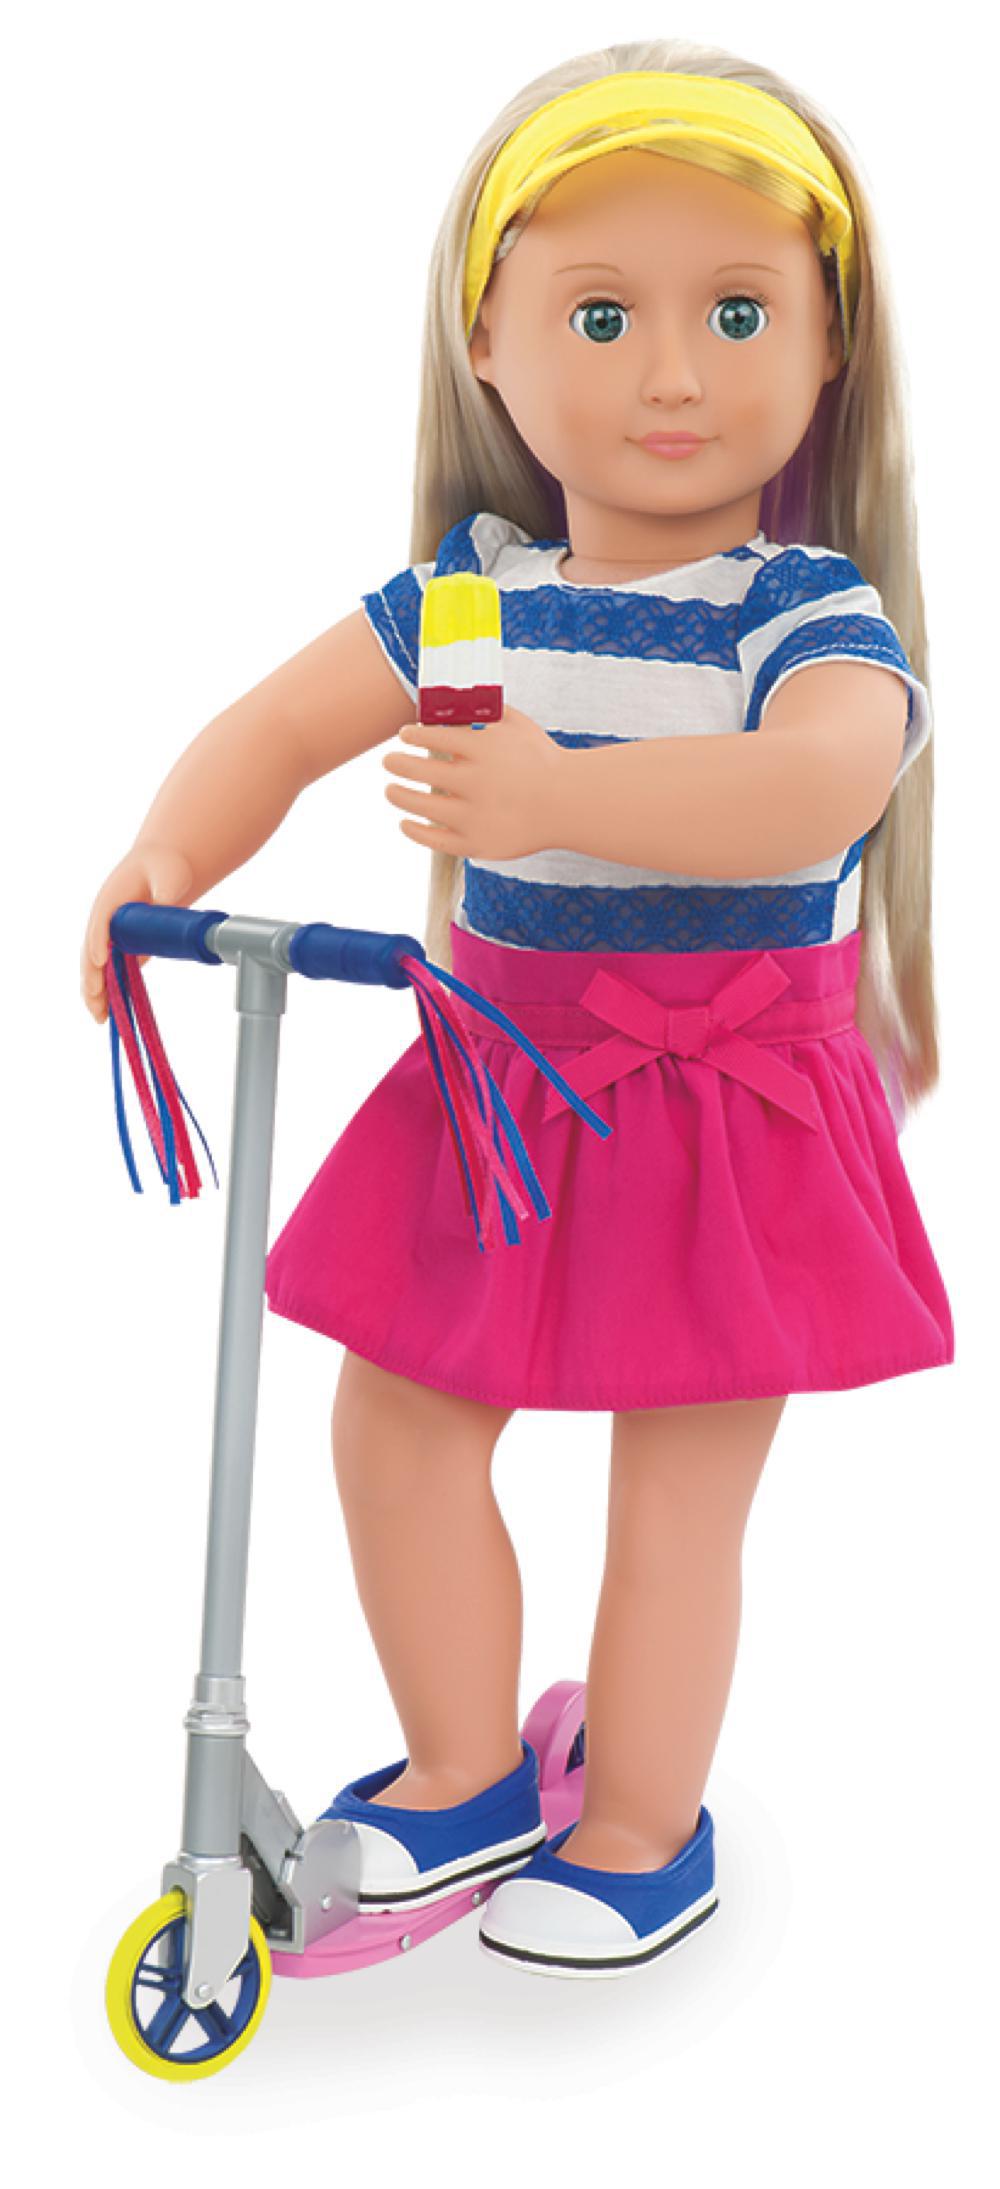 Deluxe Outfit OG - Cute to Scoot pour poupée de 46 cm